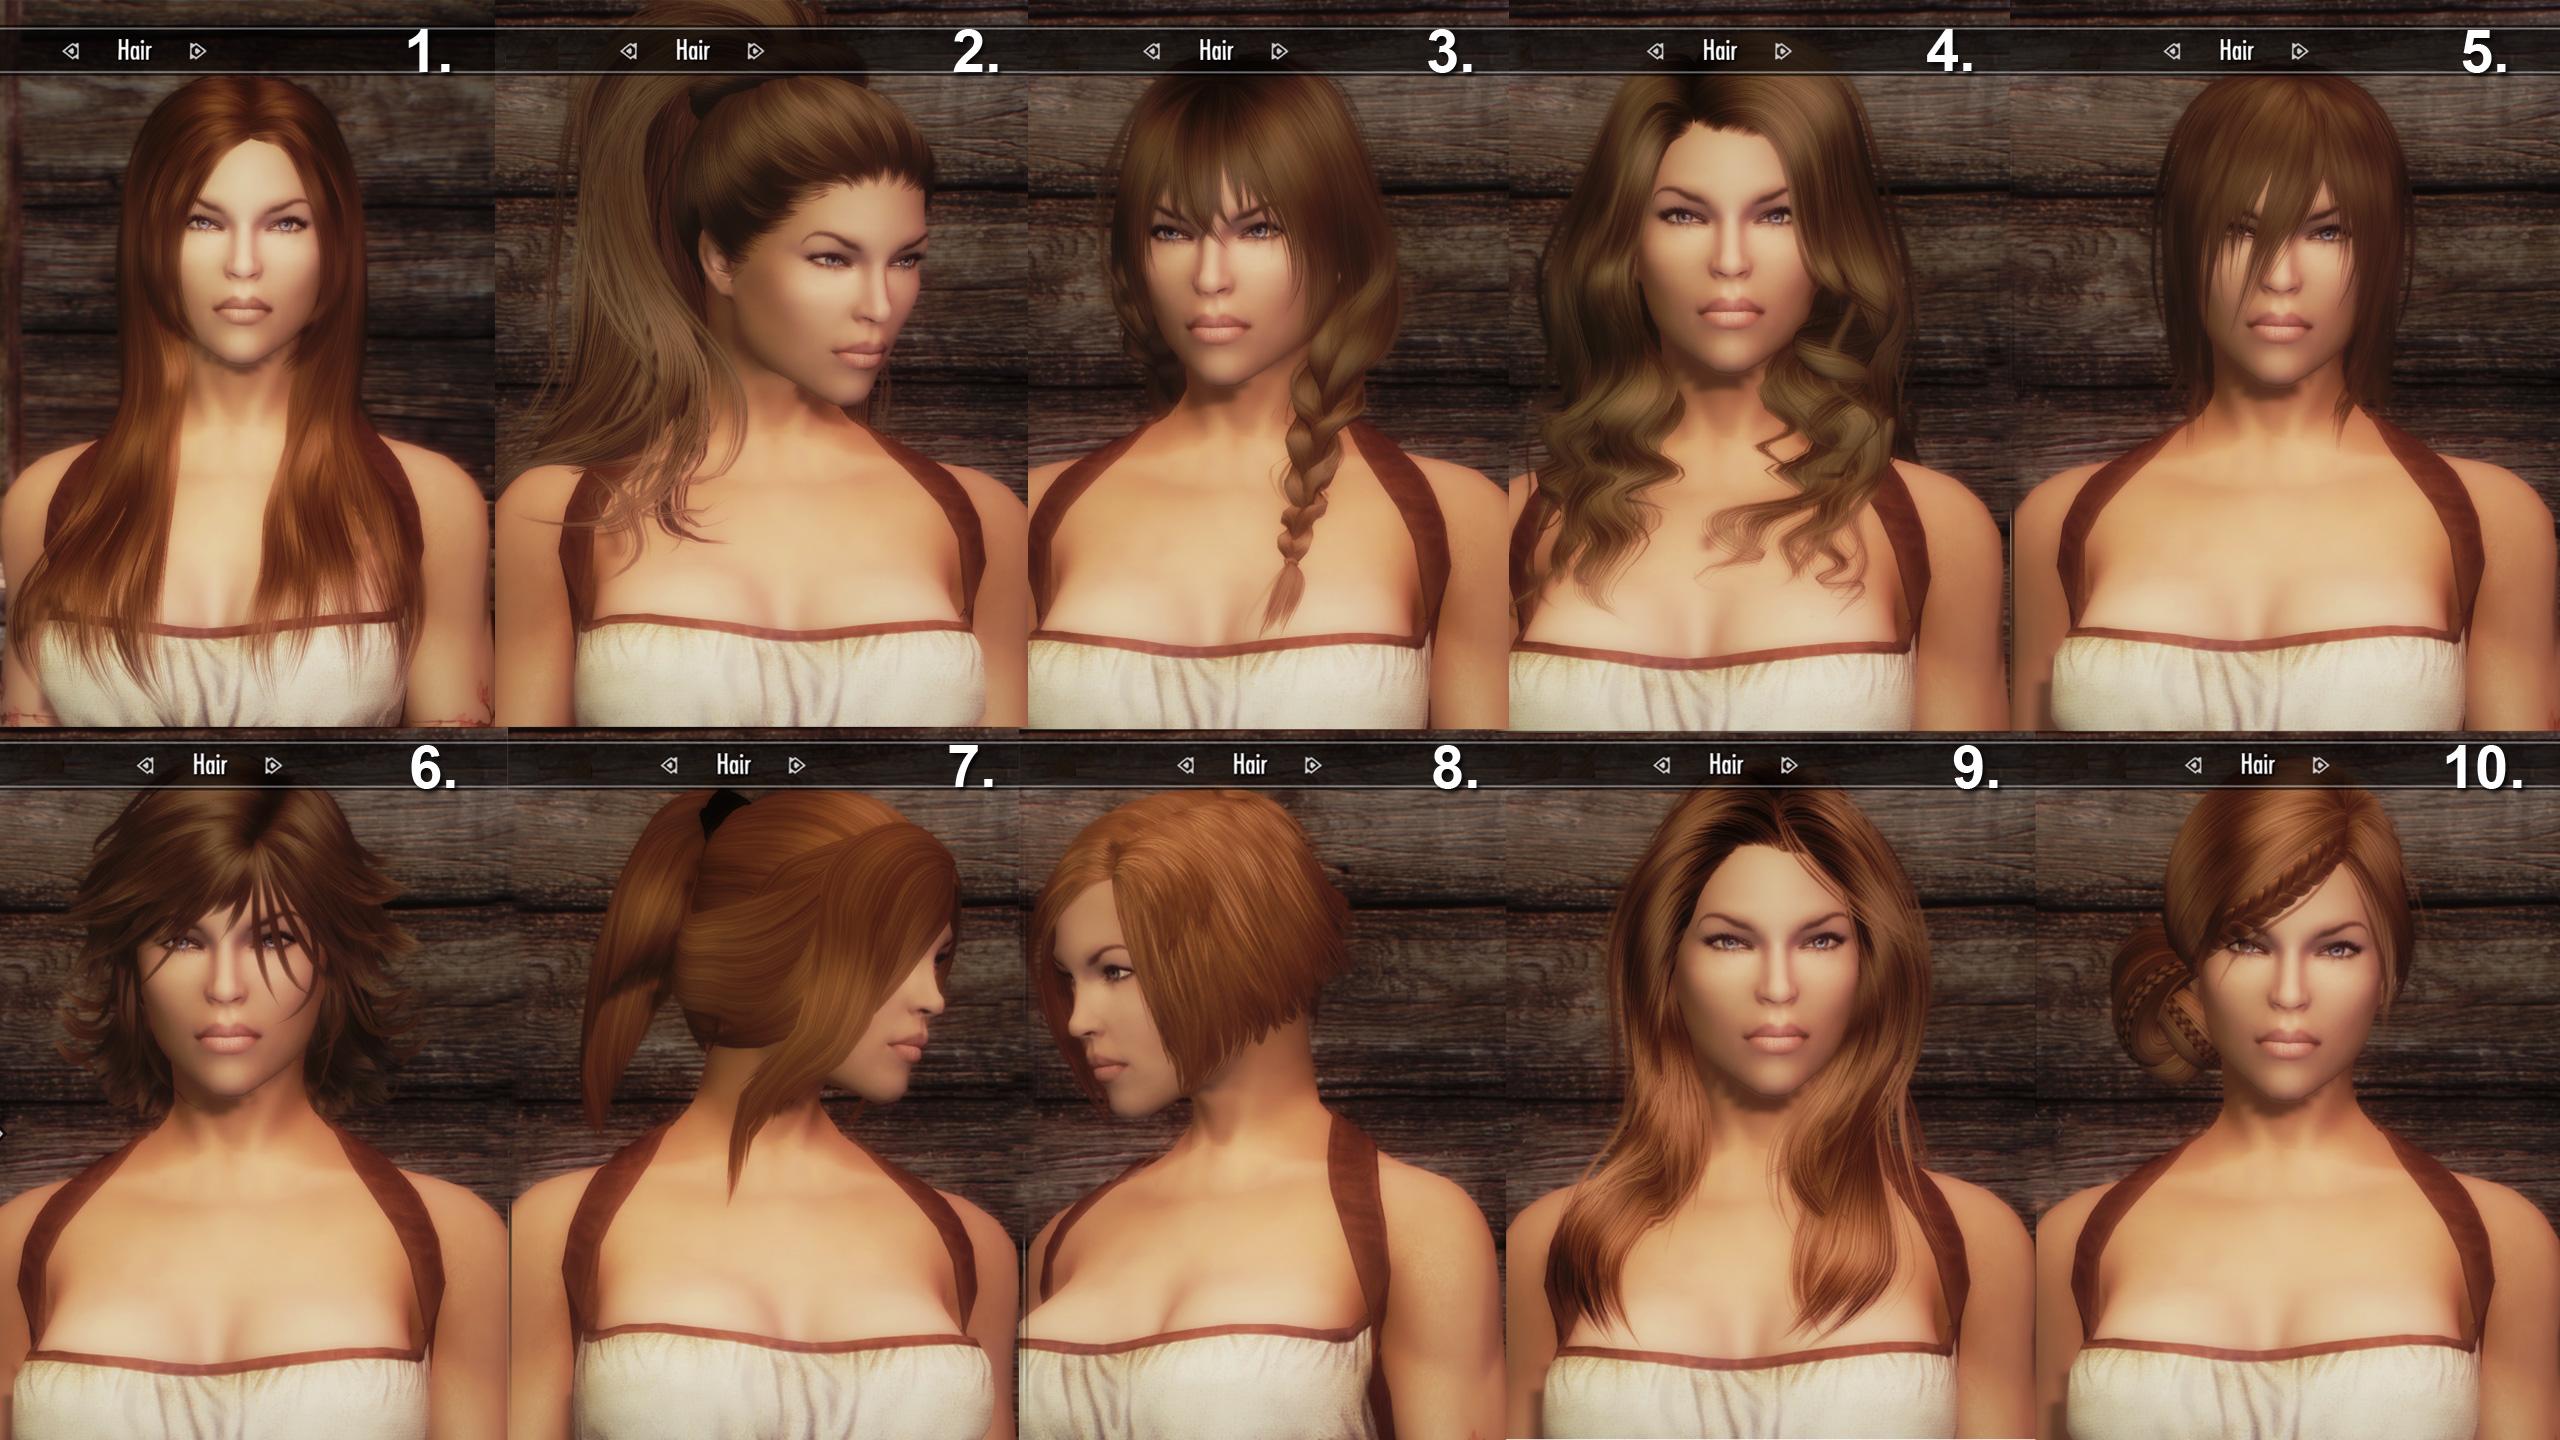 Прически и волосы для skyrim